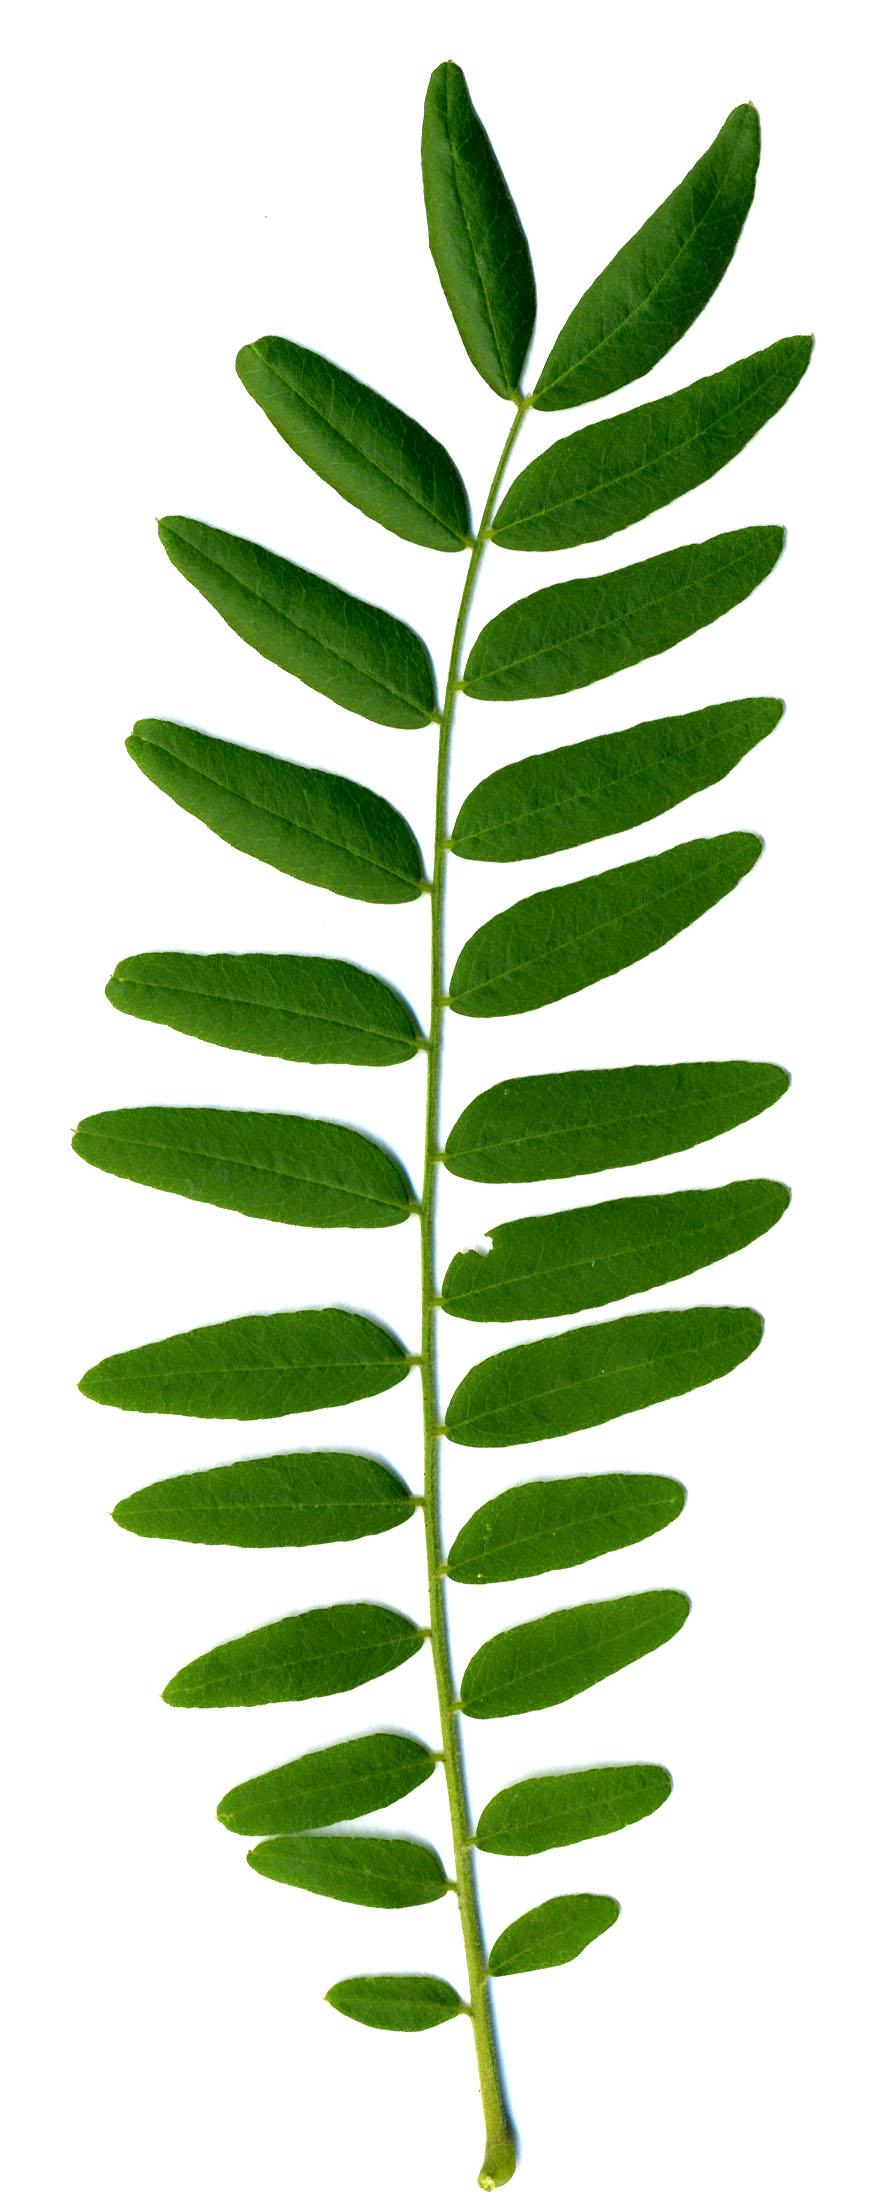 File:Robinia pseudoacacia-leaf.jpg